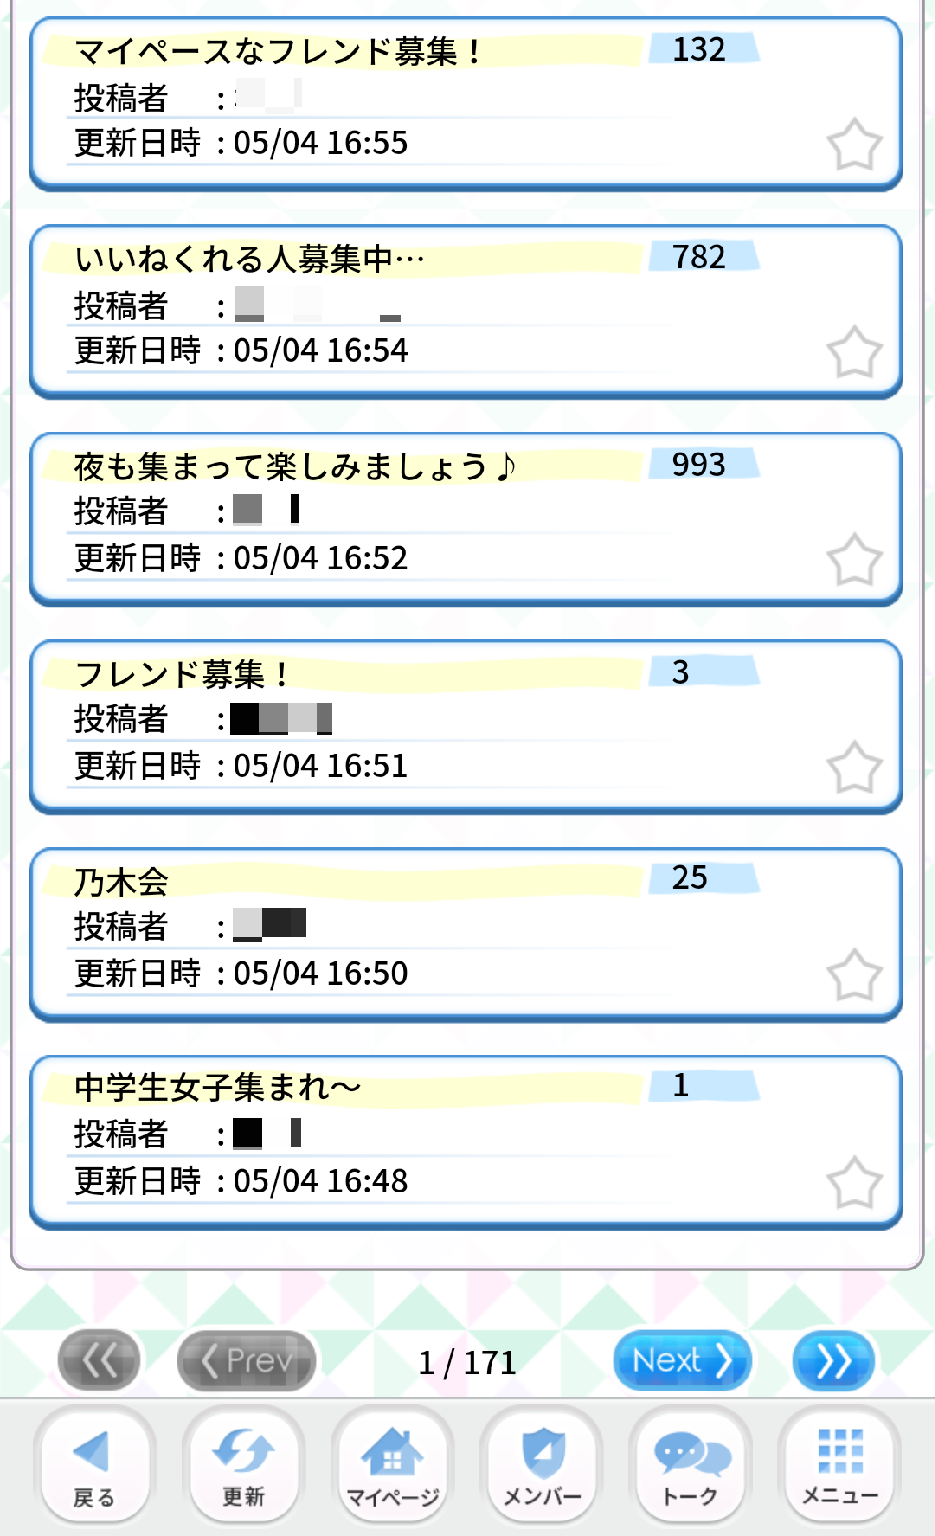 乃木恋【攻略】:効率的なチップの集め方とおすすめの使い道